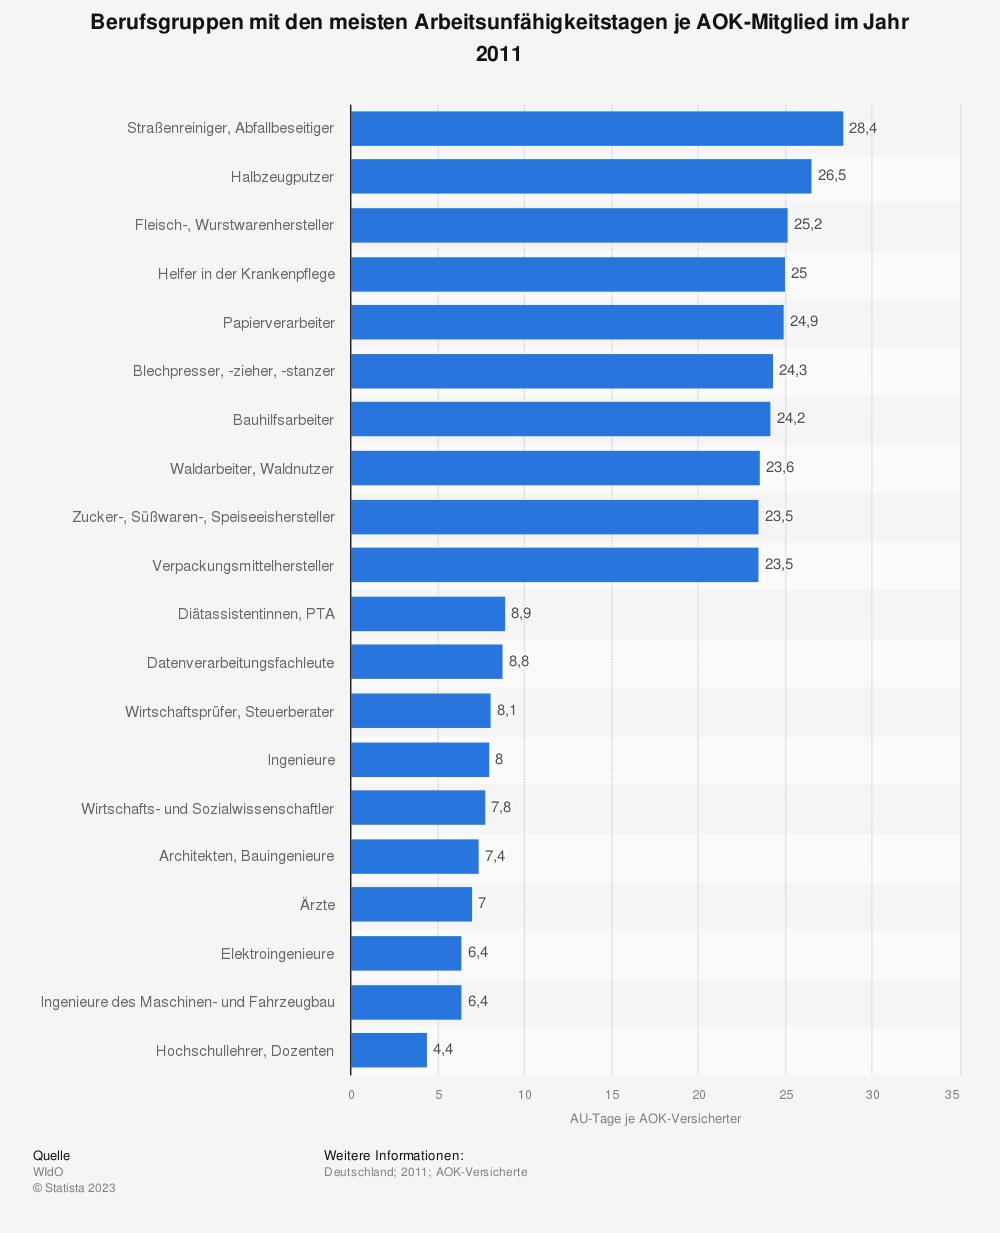 Statistik: Berufsgruppen mit den meisten Arbeitsunfähigkeitstagen je AOK-Mitglied im Jahr 2011 | Statista